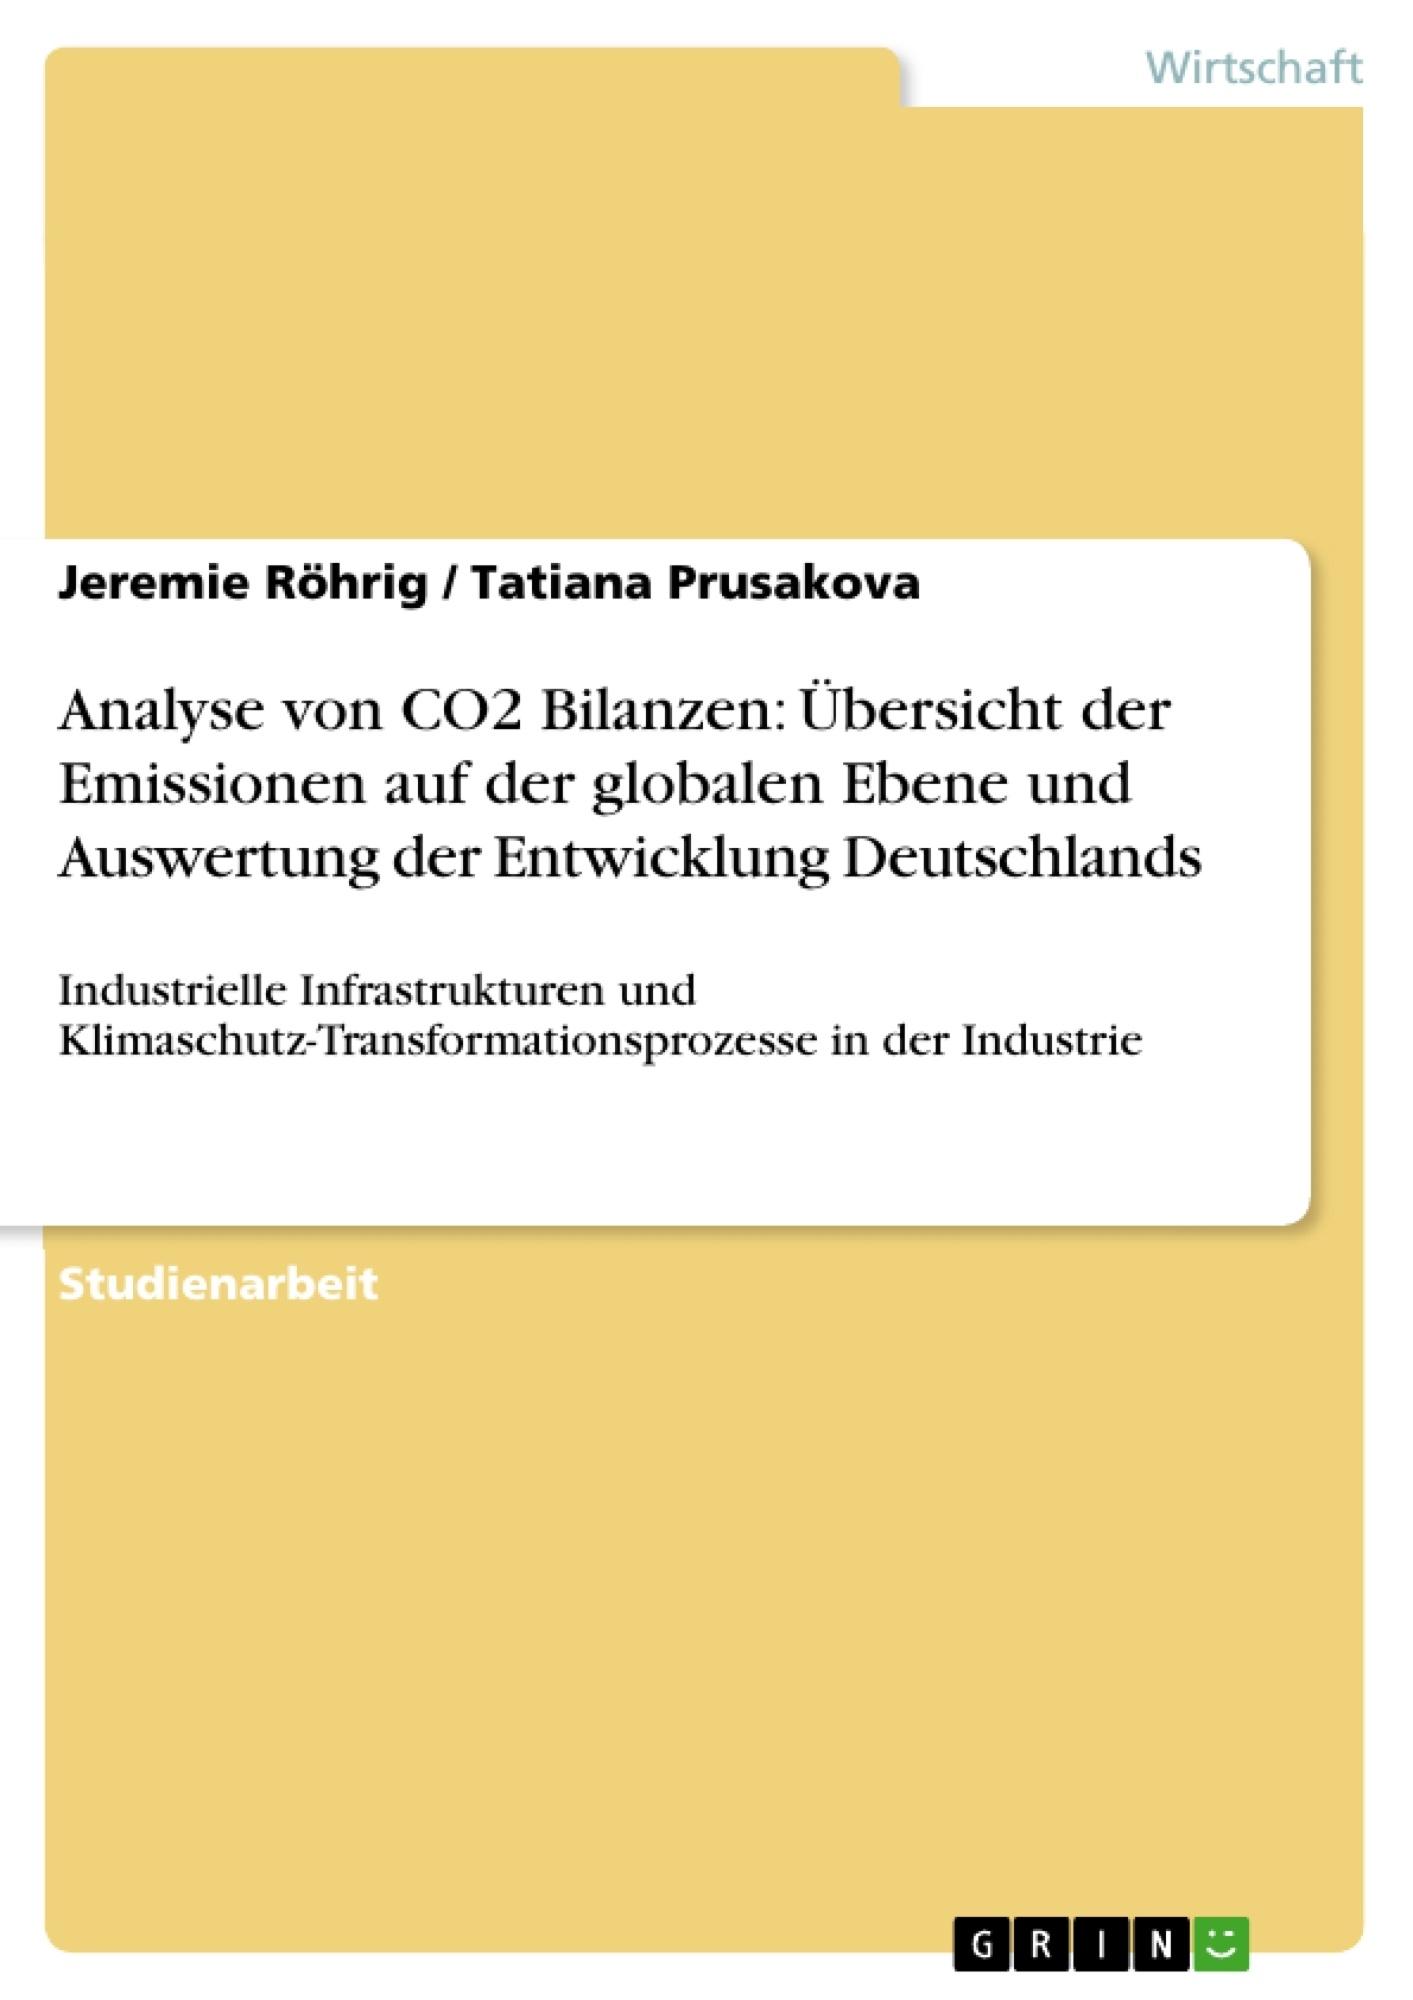 Titel: Analyse von CO2 Bilanzen: Übersicht der Emissionen auf der globalen Ebene und Auswertung der Entwicklung Deutschlands